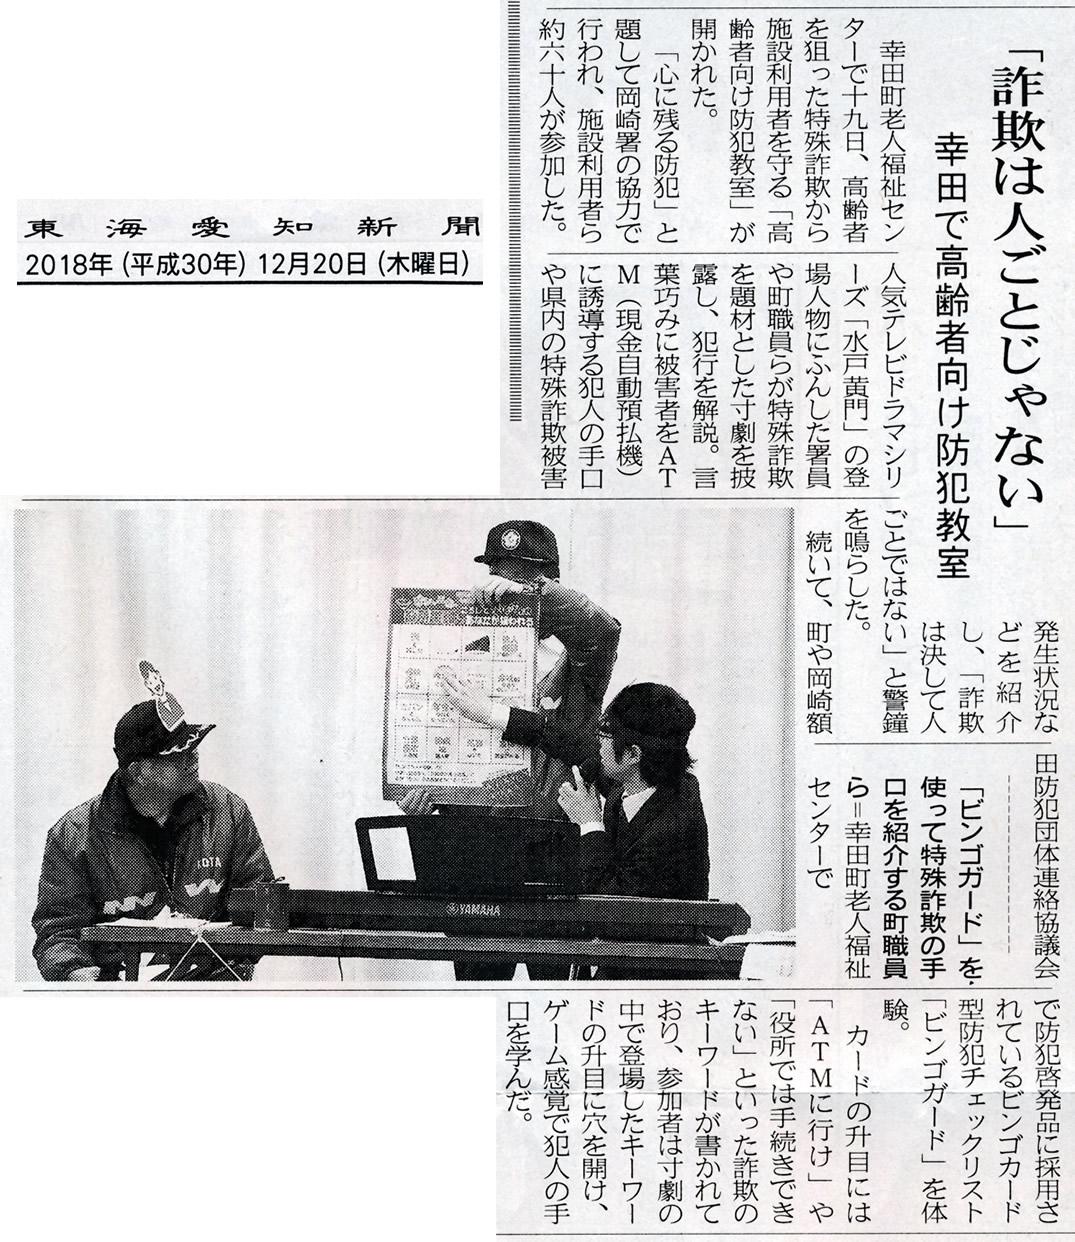 る「ビンゴガード大会 ニセの役所職員編」が行われ、その様子が東海愛知新聞さんに掲載されました。 #防災防犯マップ #ビンゴガイド #BingoGuard #MoaiDesign #モアイデザイン